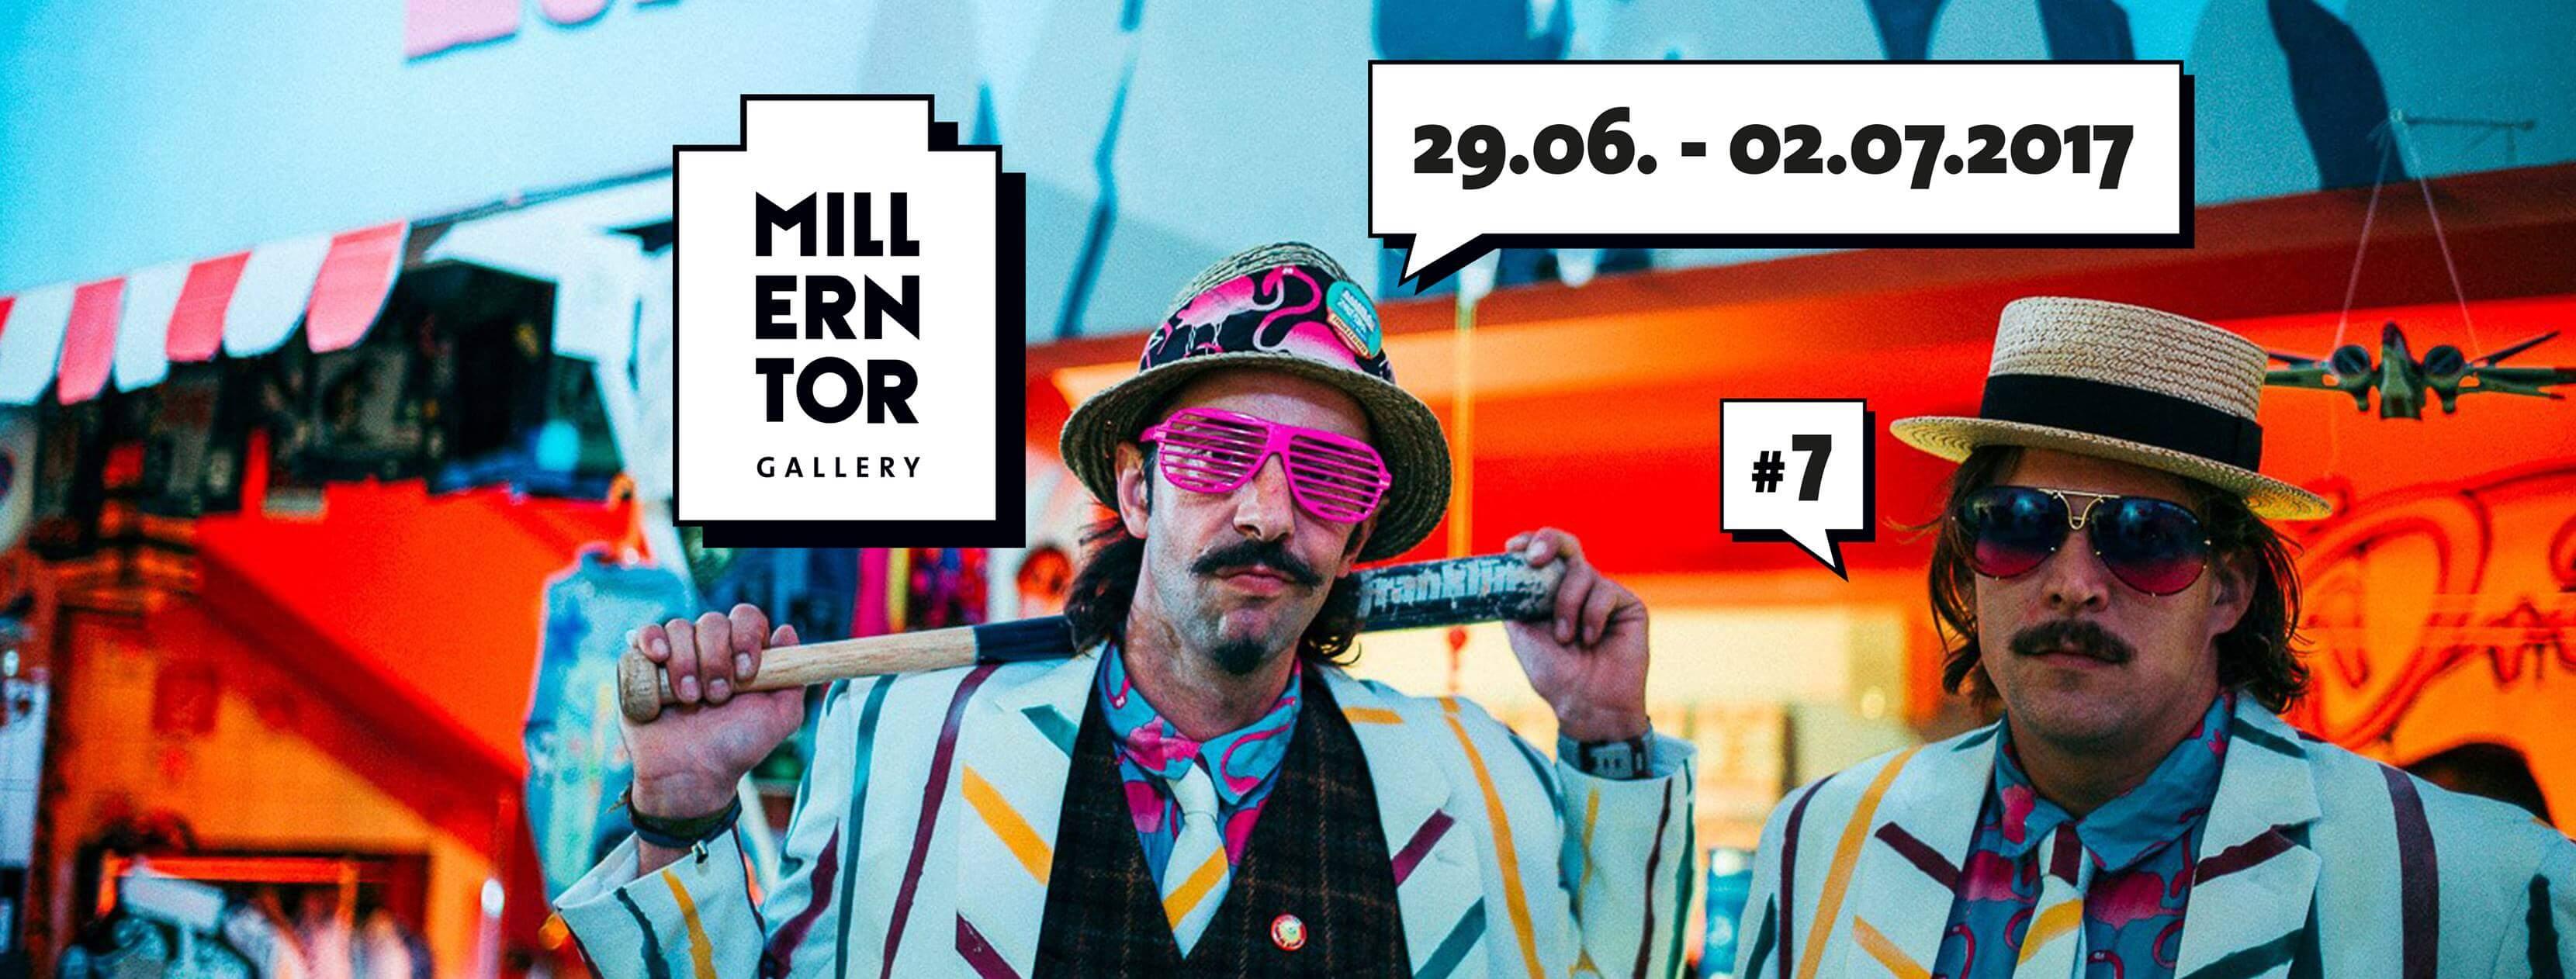 Millerntor Gallery geht in Runde 7! Noch bis Sonntag wird Kunst in Wasser transformiert!